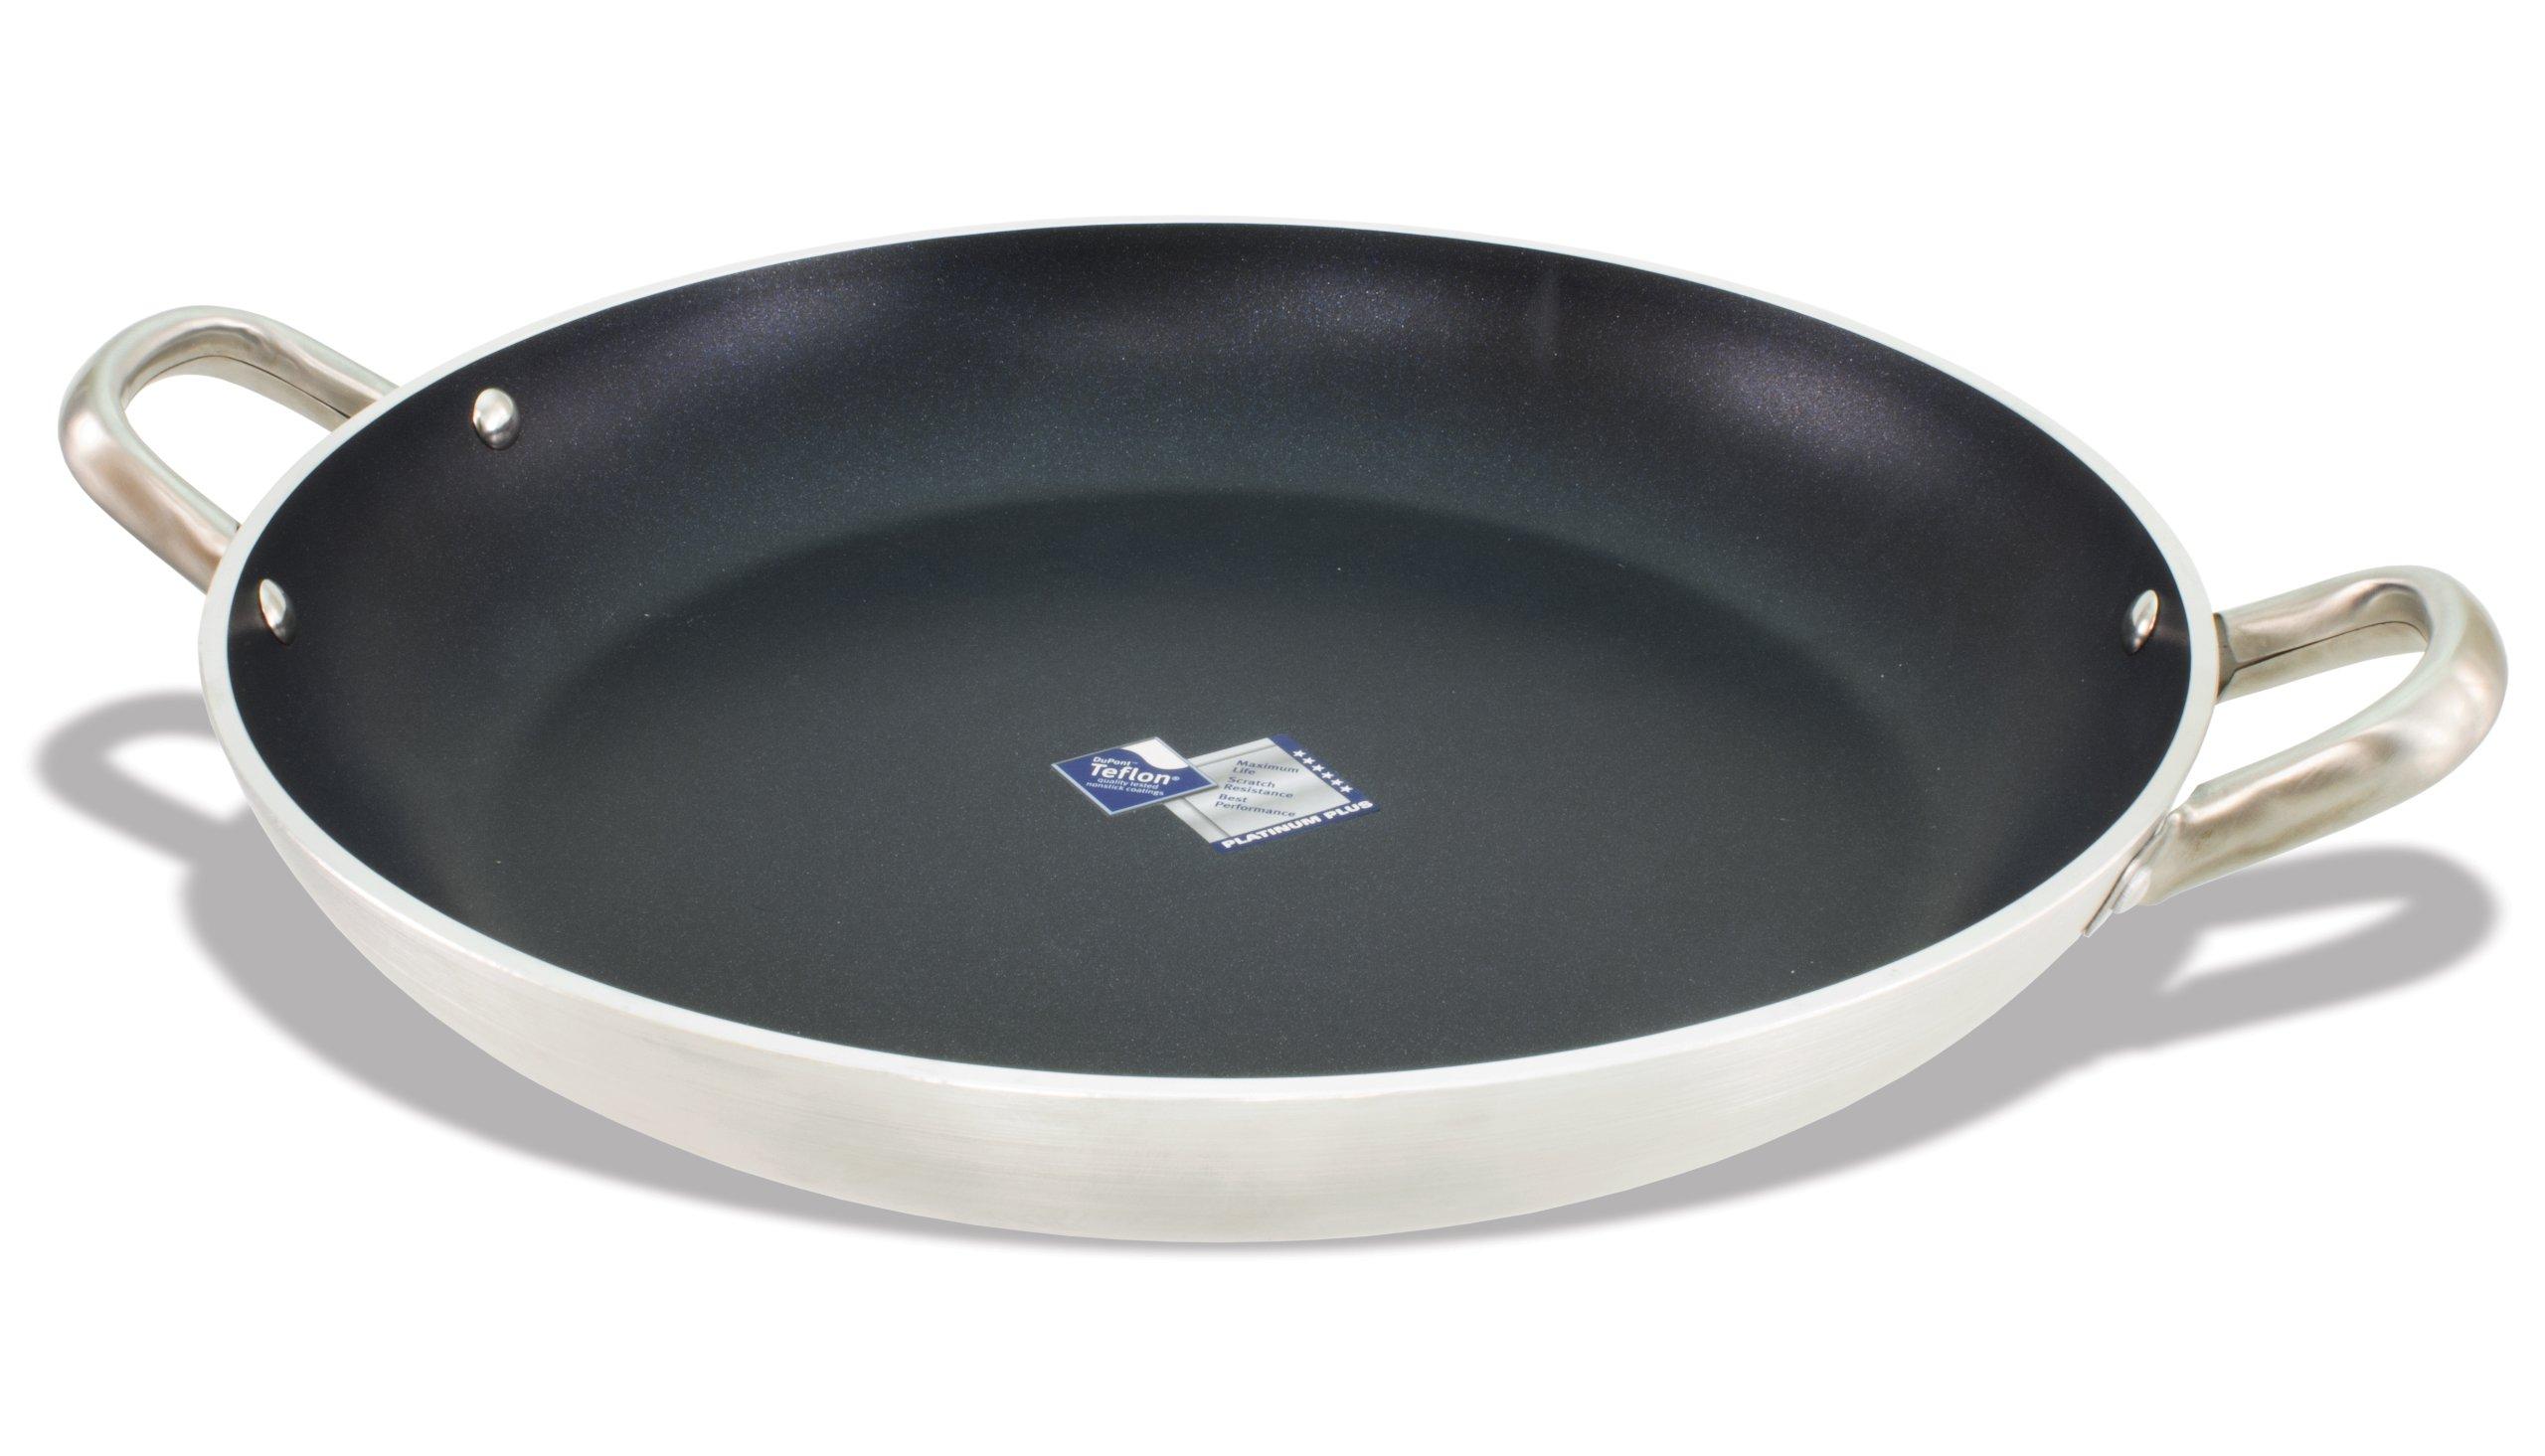 Crestware PAE10 Paella Pan, 10-Inch